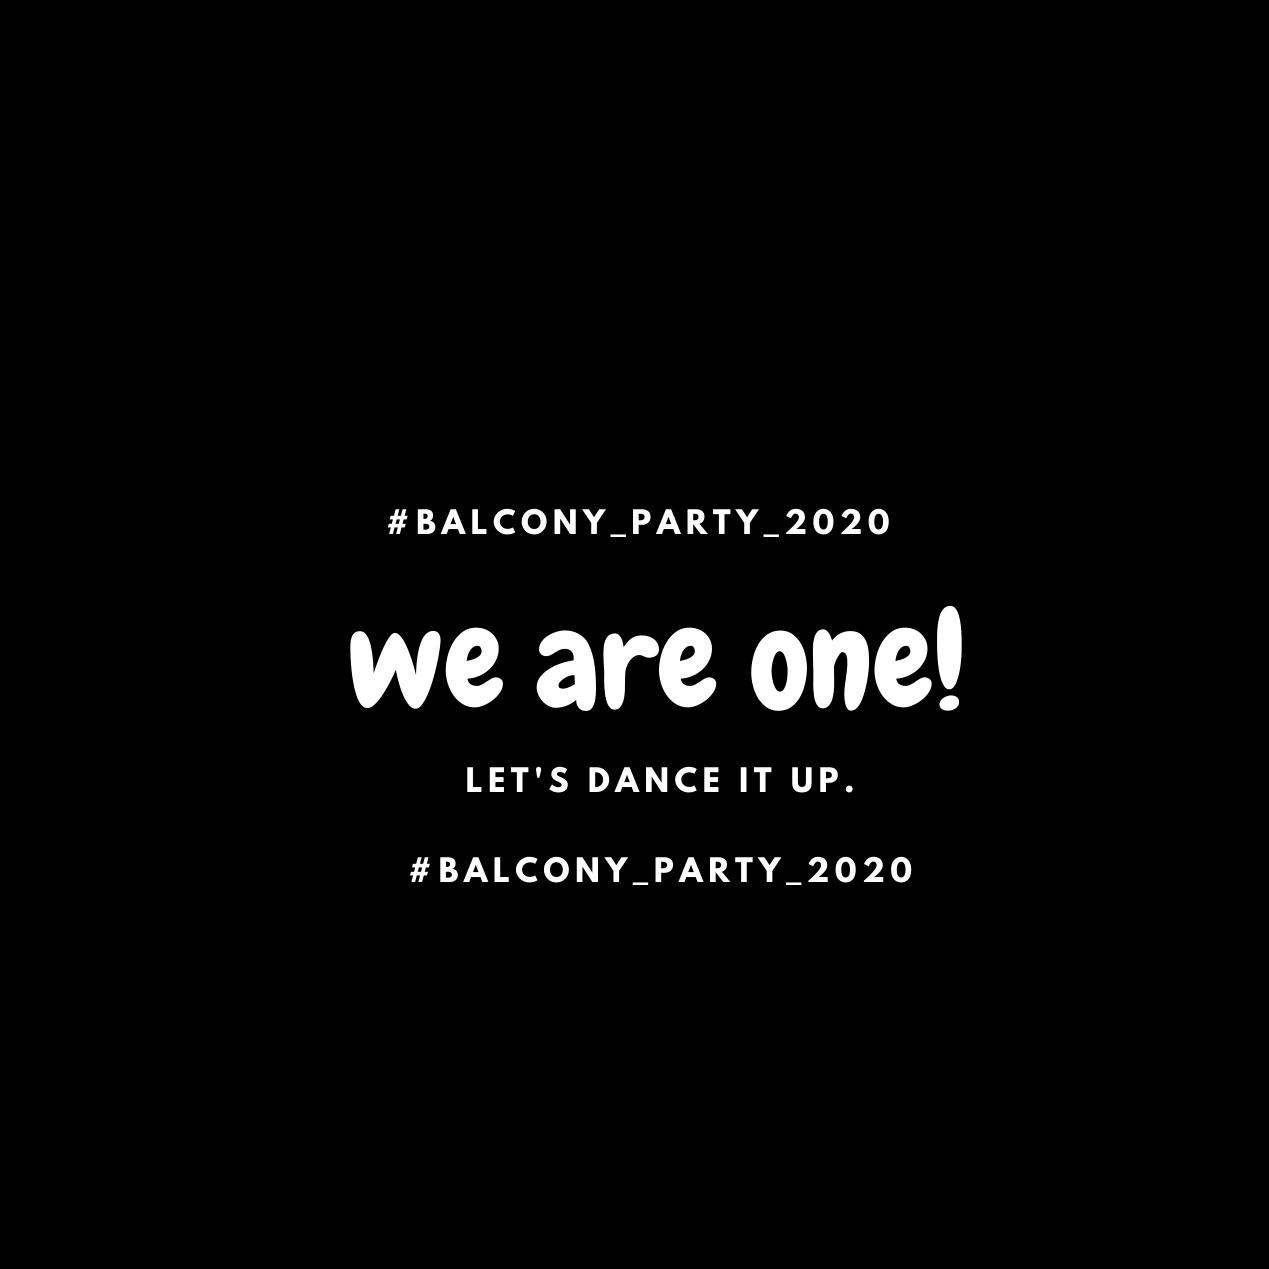 balcony_party_2020